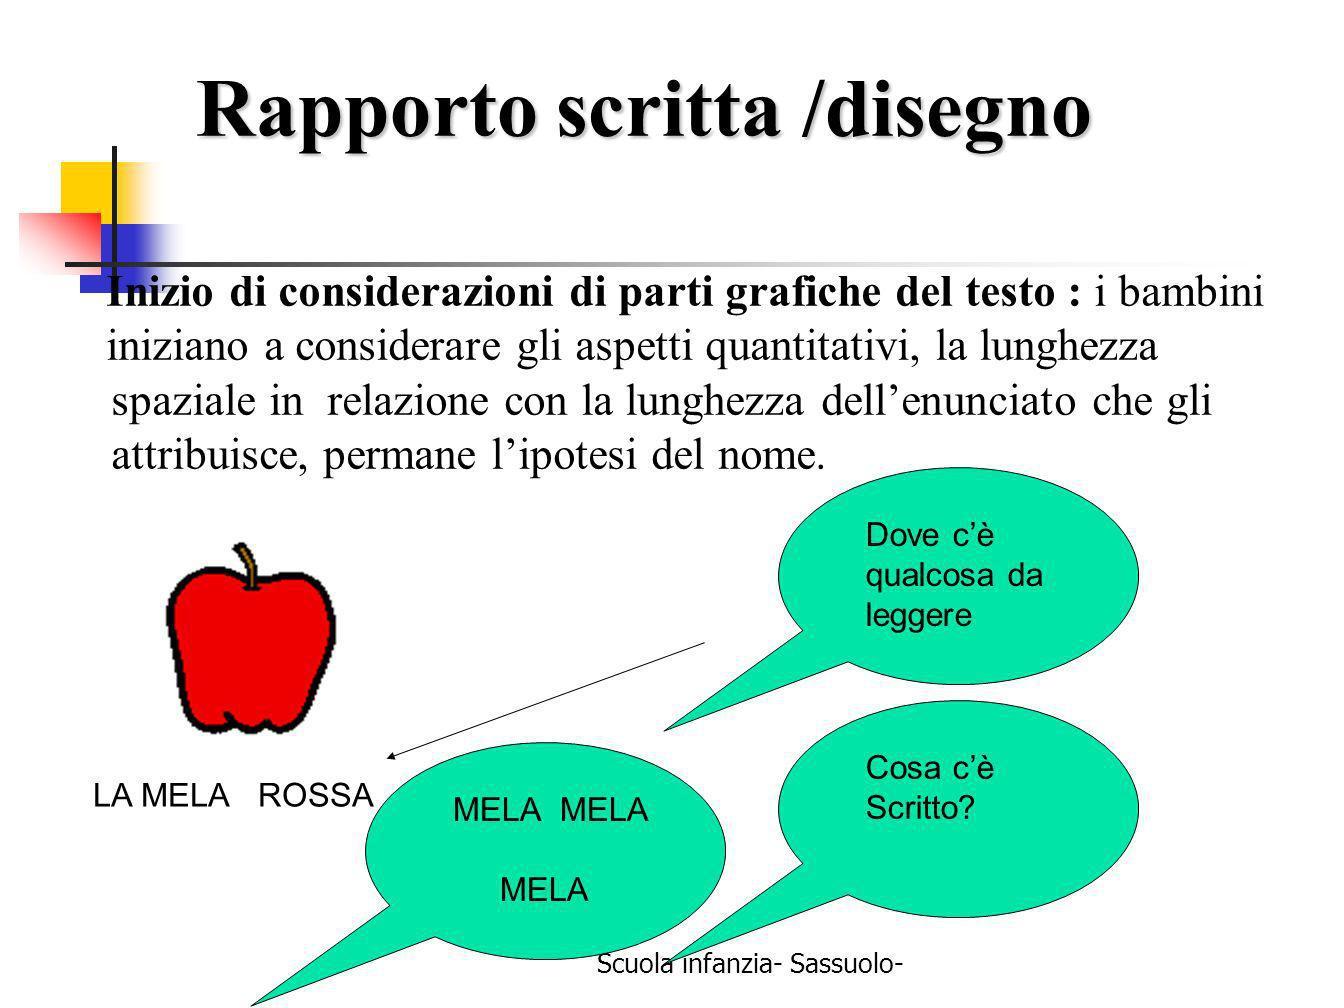 Scuola infanzia- Sassuolo- Inizio di considerazioni di parti grafiche del testo : i bambini iniziano a considerare gli aspetti quantitativi, la lunghe